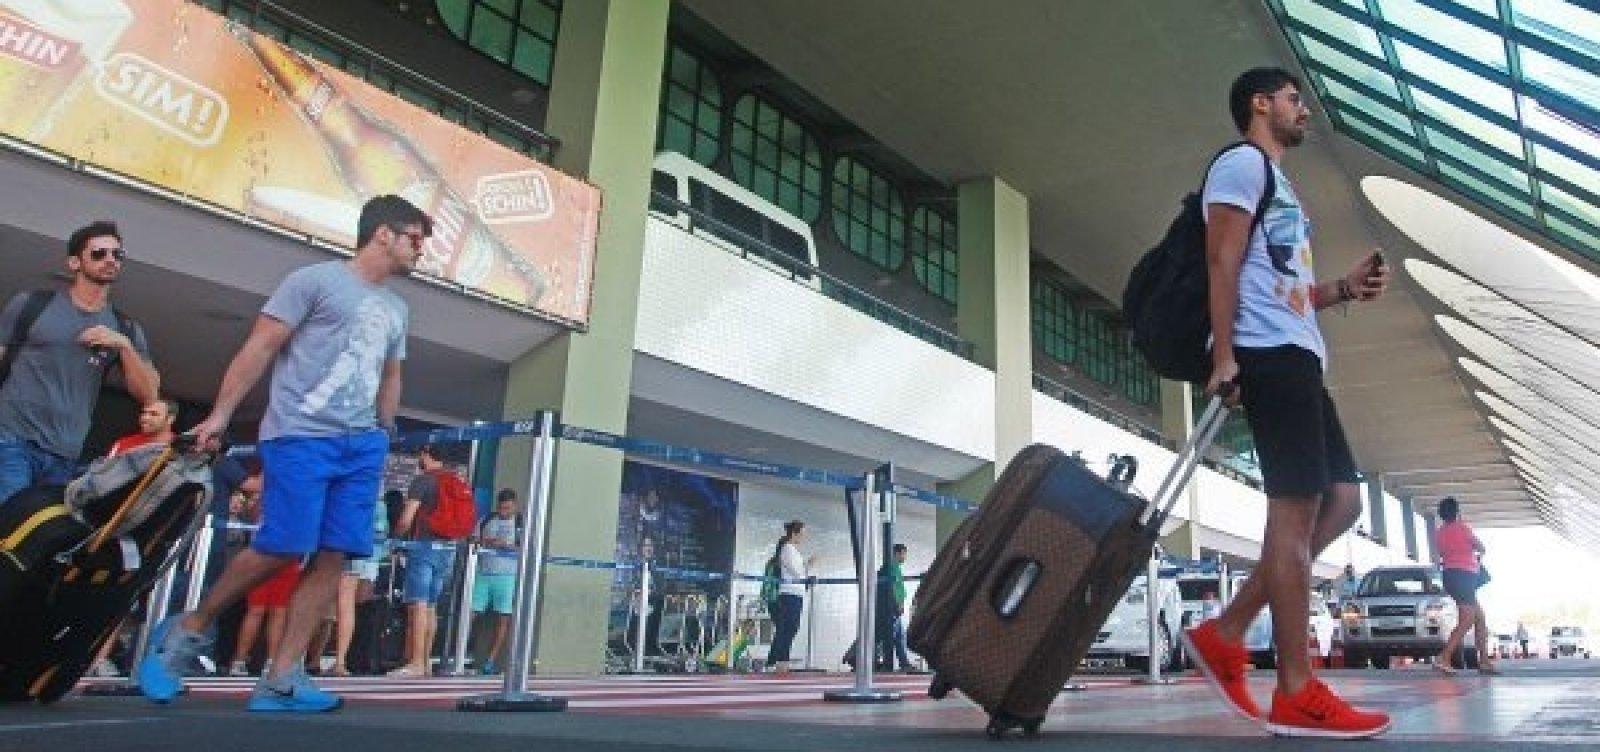 [Praça de alimentação do aeroporto volta a funcionar 24 horas]